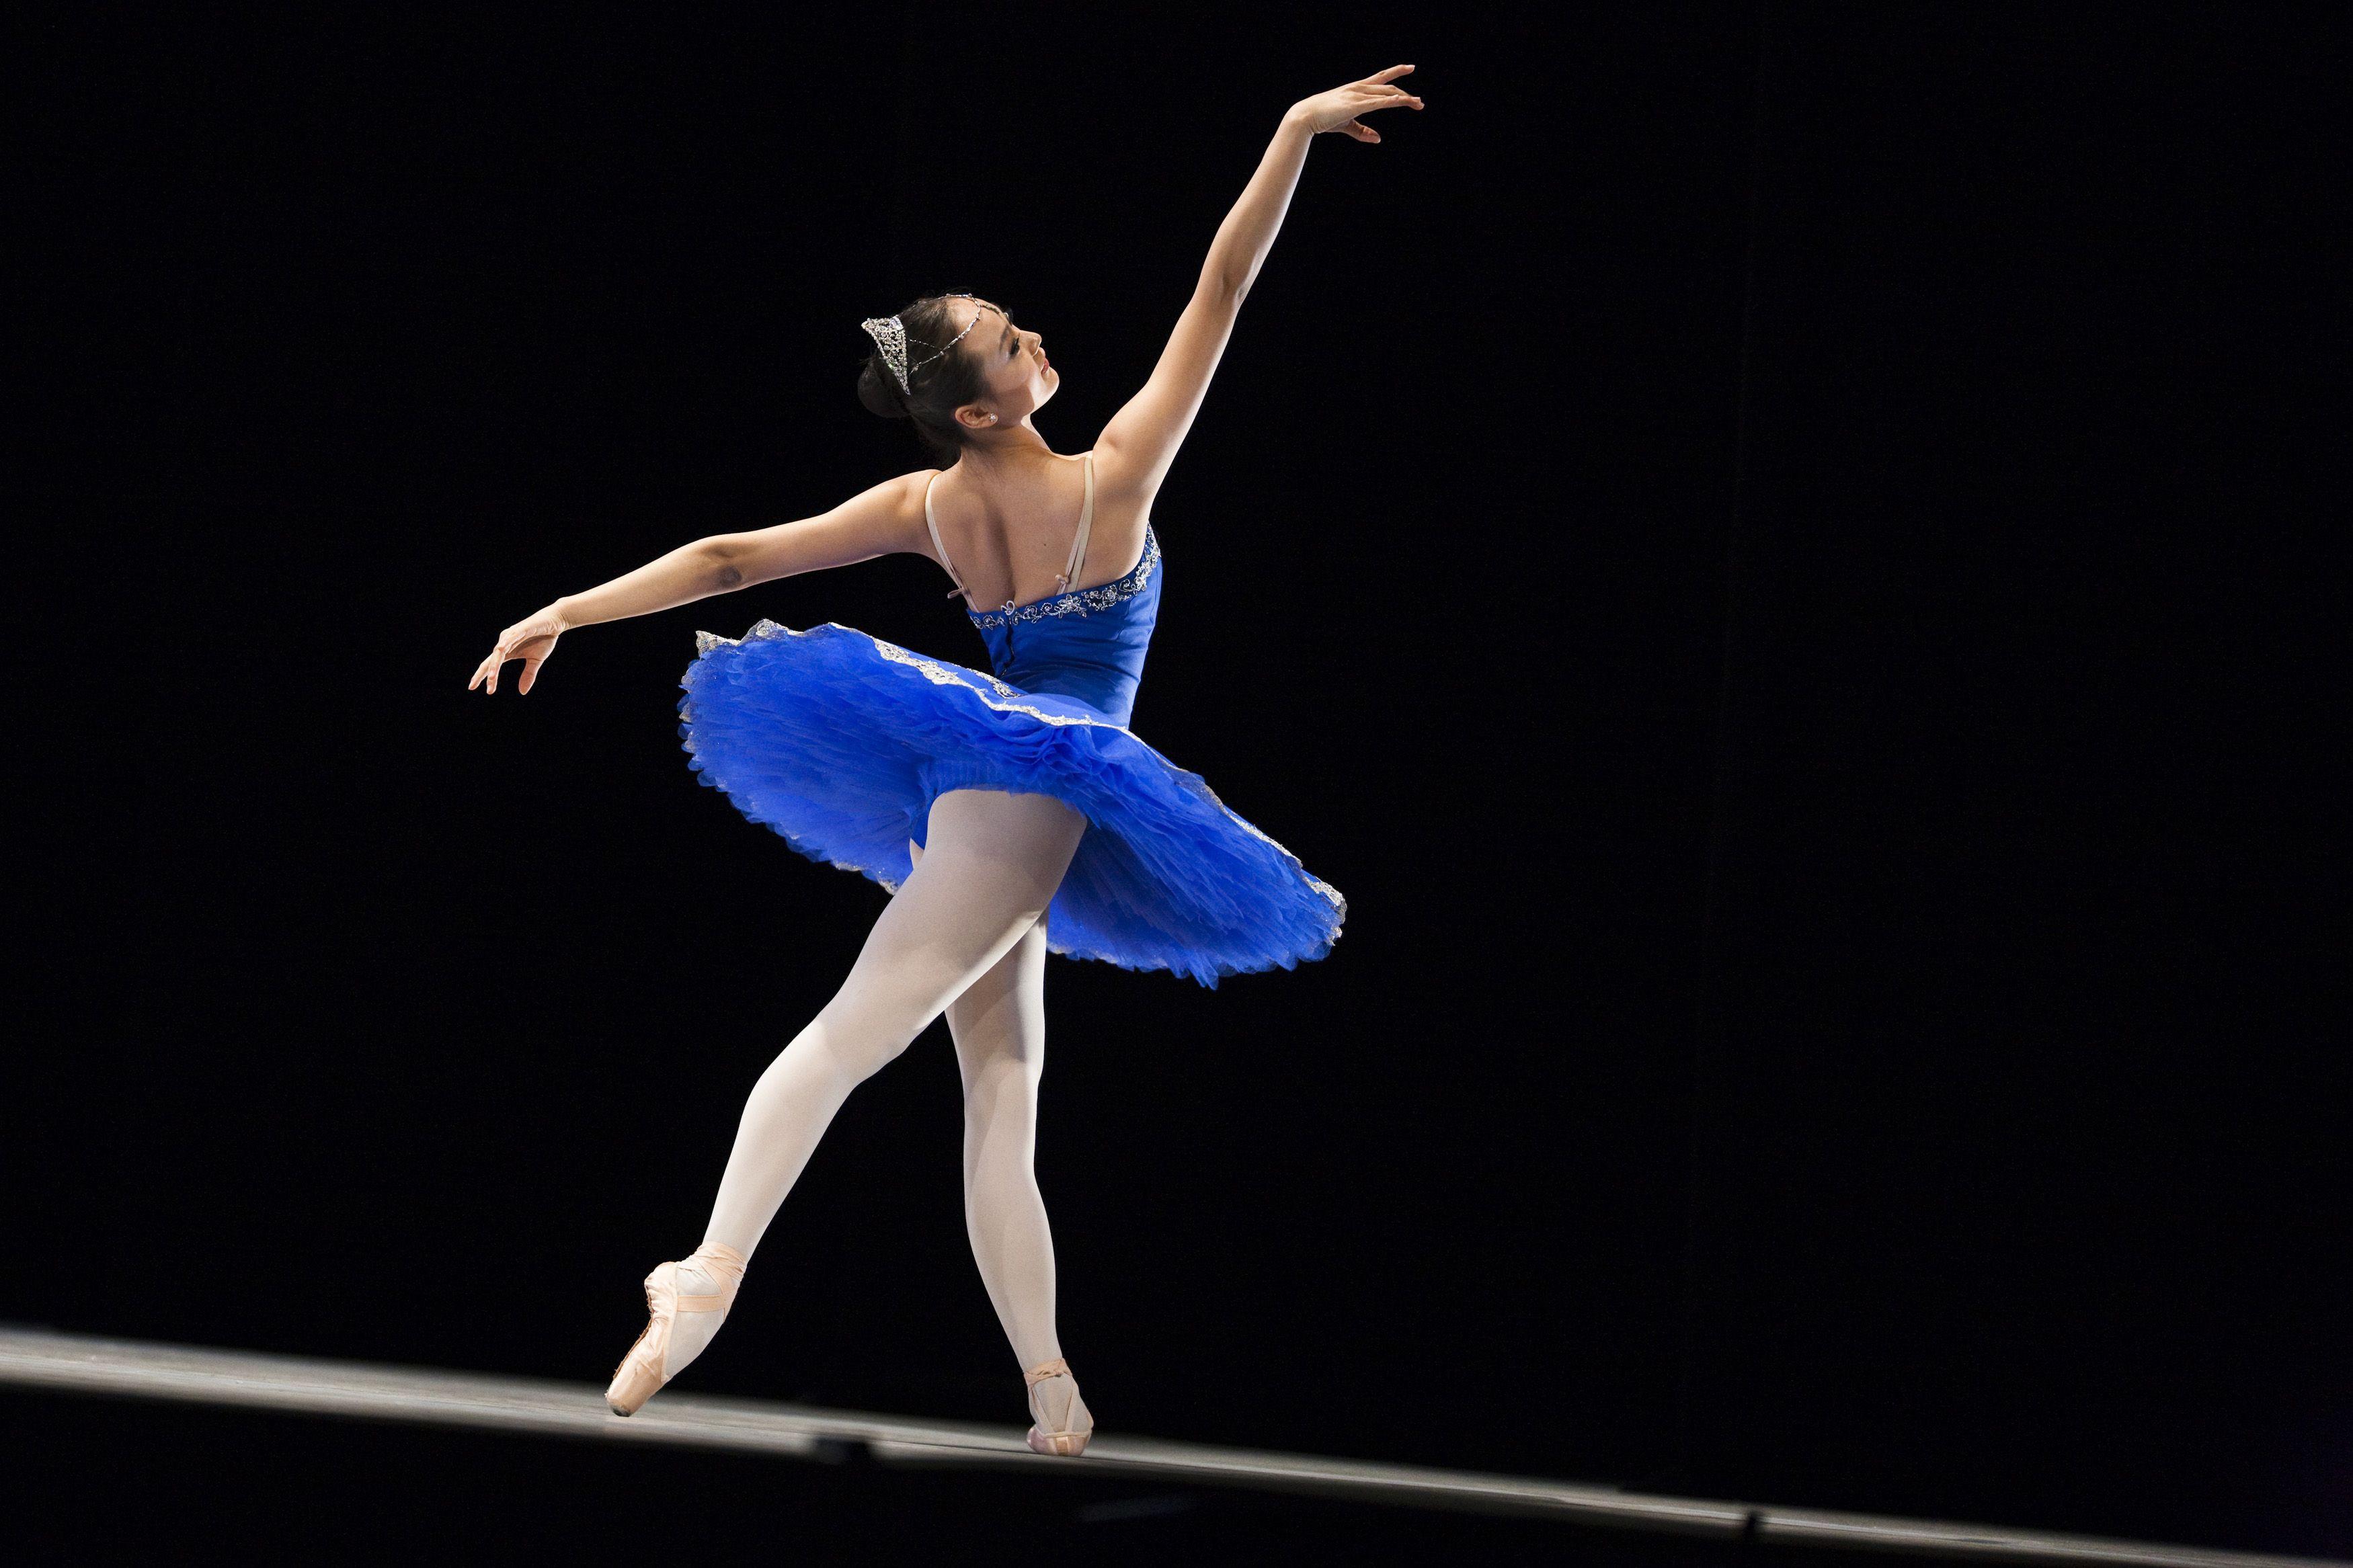 图文无关 作为音乐家的我对芭蕾舞并不在行,但很喜爱,从小就知道苏联芭蕾舞女神乌兰诺娃,而普列谢茨卡娅是继她之后的又一位尖峰大师。当我成为交响乐团中提琴演奏员后,有过多次幸运的机会在舞台上近距离地观赏到世界艺术大师的表演,例如帕瓦罗蒂、多明戈和卡雷拉斯等。但有时又感到我们与大师是擦肩而过了,对一些大师没有认识到他们的价值与分量,这与过去年代我们社会的资讯不发达有关。例如维也纳爱乐乐团1972年第一次访华时第二套音乐会的指挥家波斯科夫斯基,他是卡洛斯克莱伯那样分量的大师,当时对他没有介绍,直到二十多年后才有